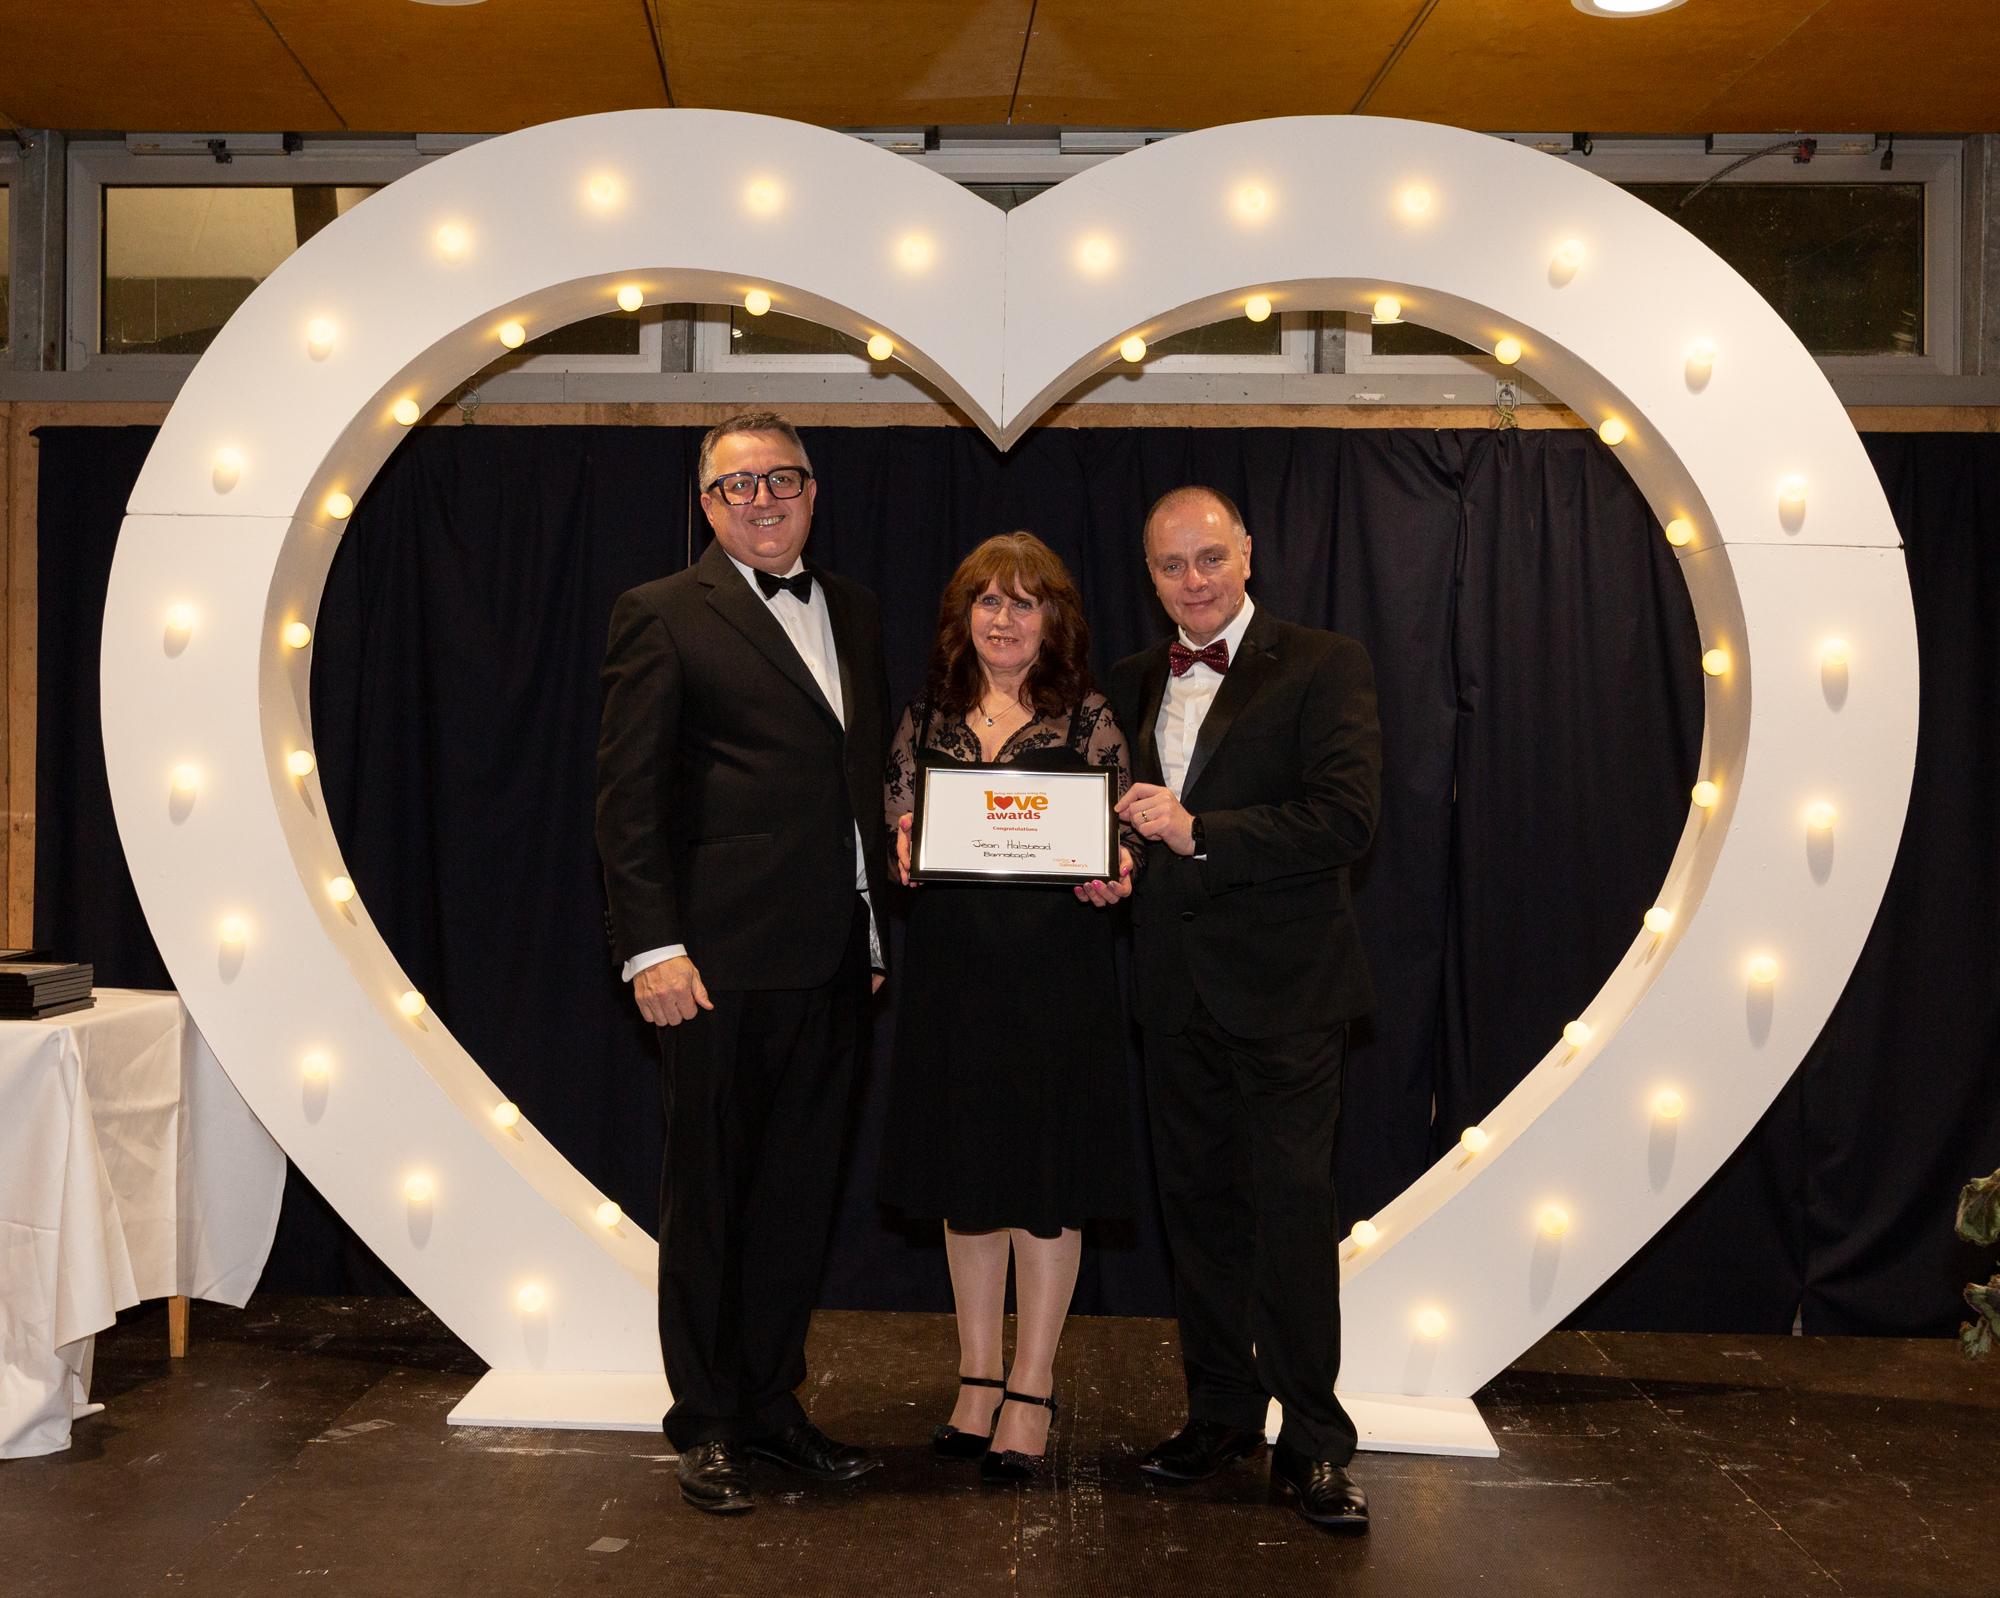 s12_love_awards_eden_096